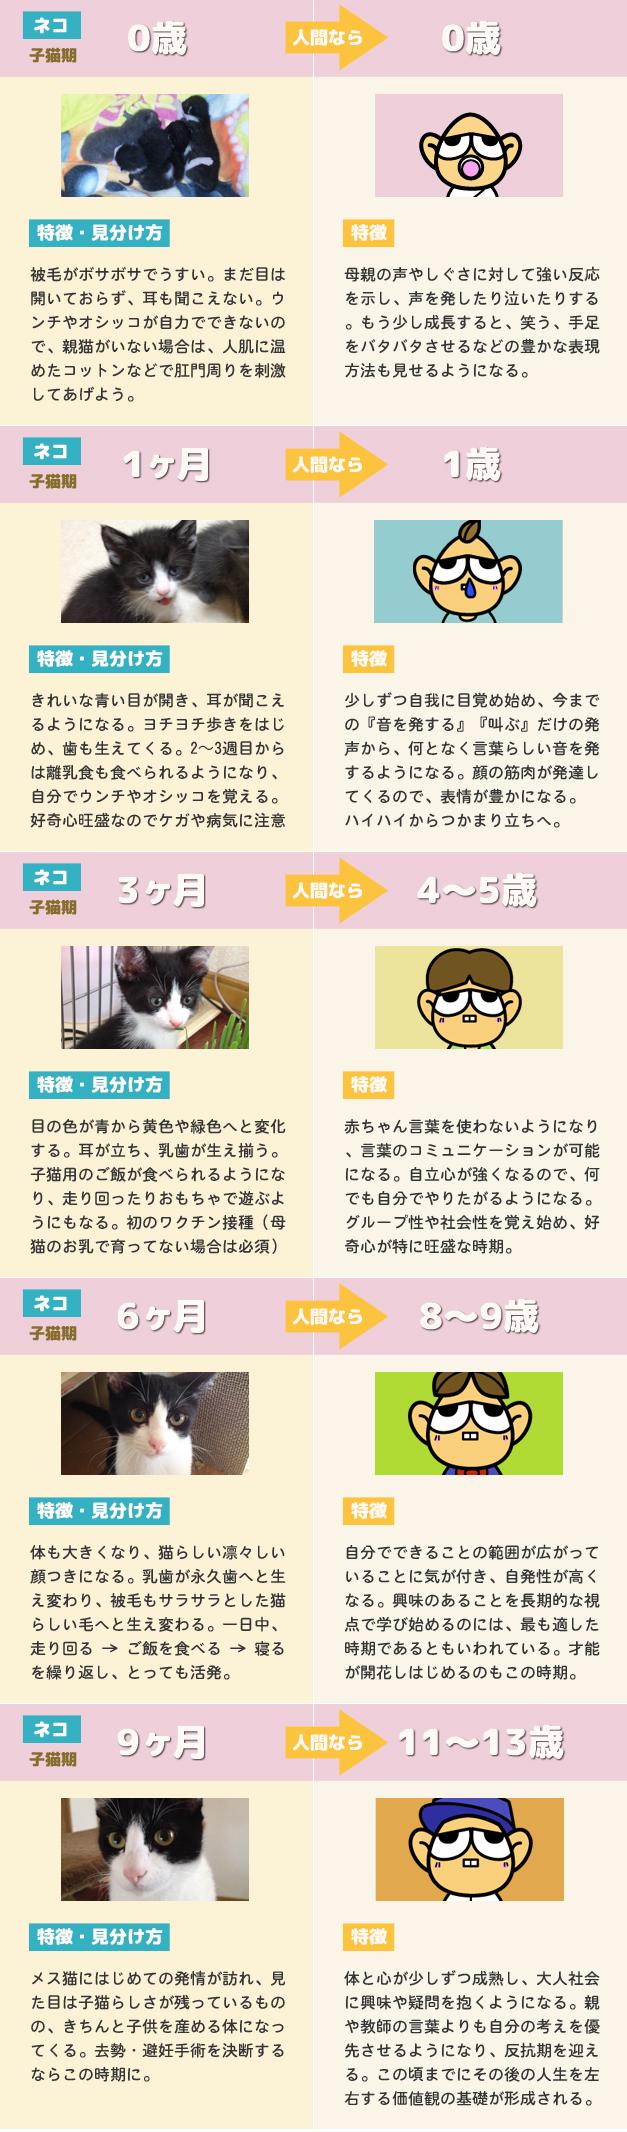 猫の年齢と人間の年齢 比較早見表